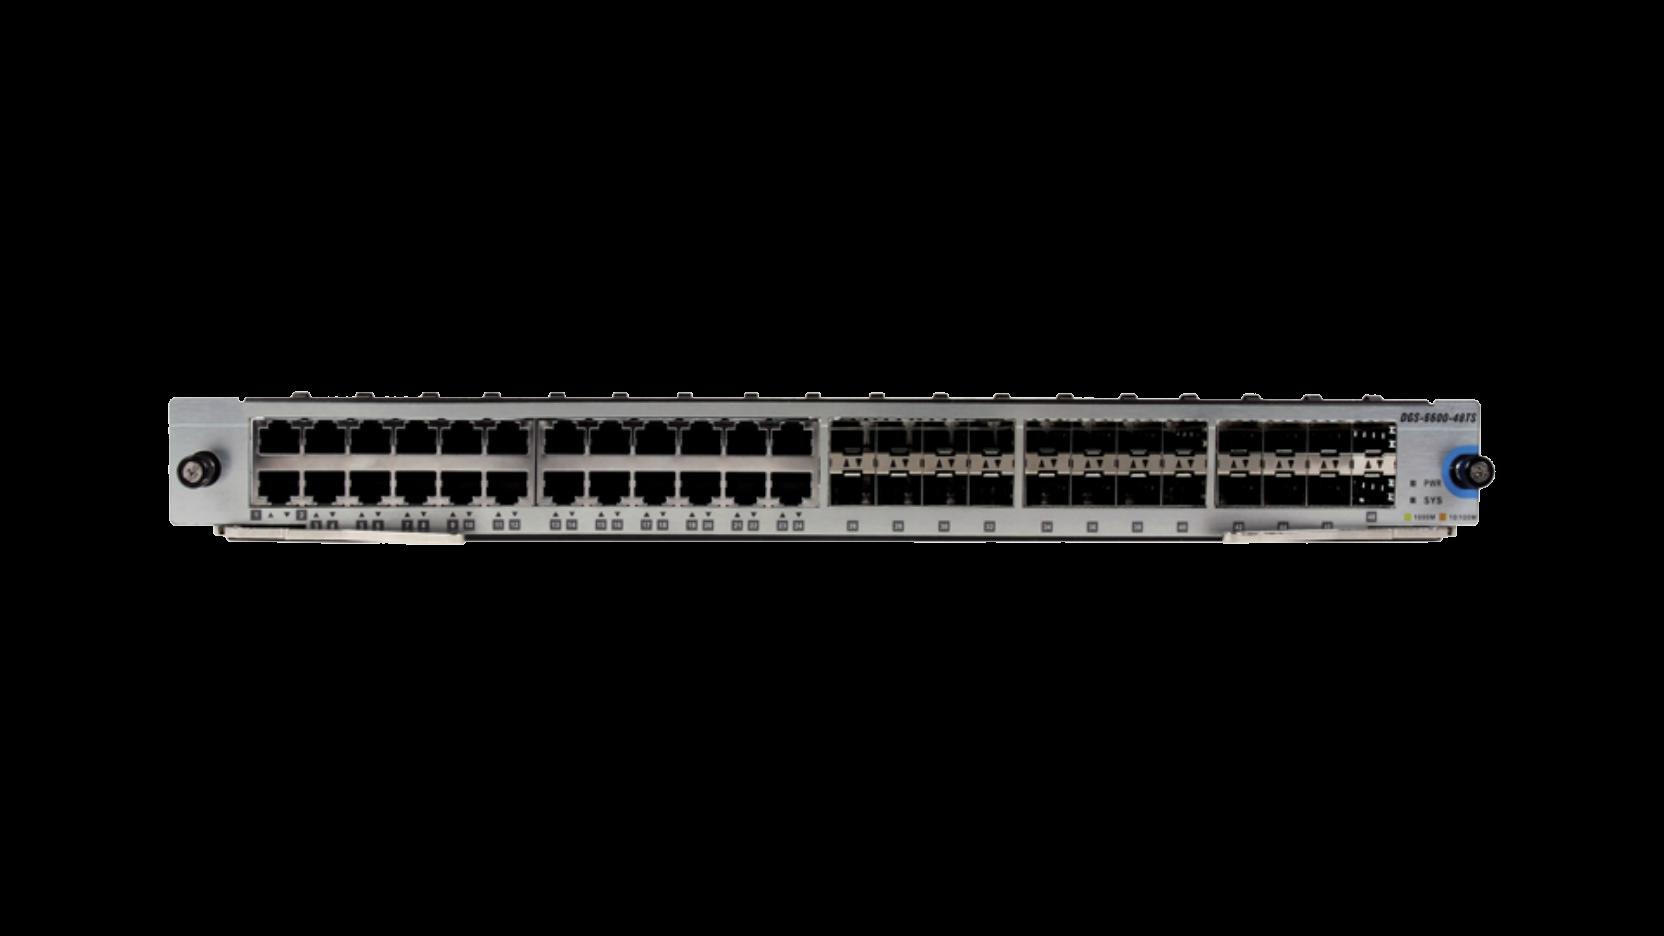 D-LINK DGS-6600-CM SWITCH WINDOWS 8 X64 DRIVER